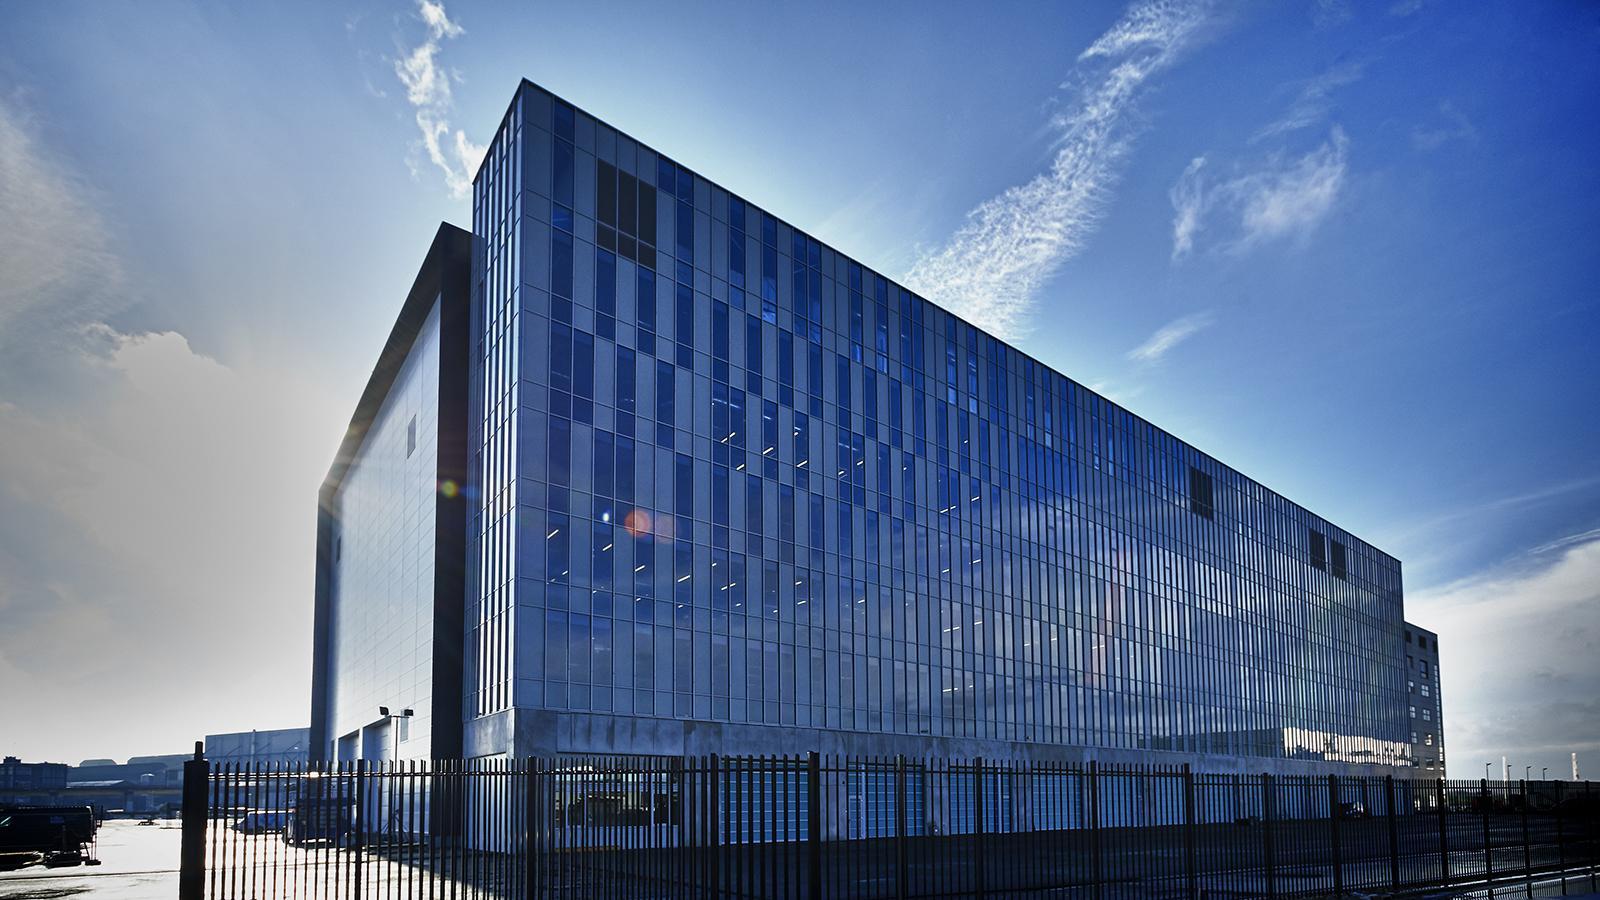 oceanco-megayacht-building-facility-new